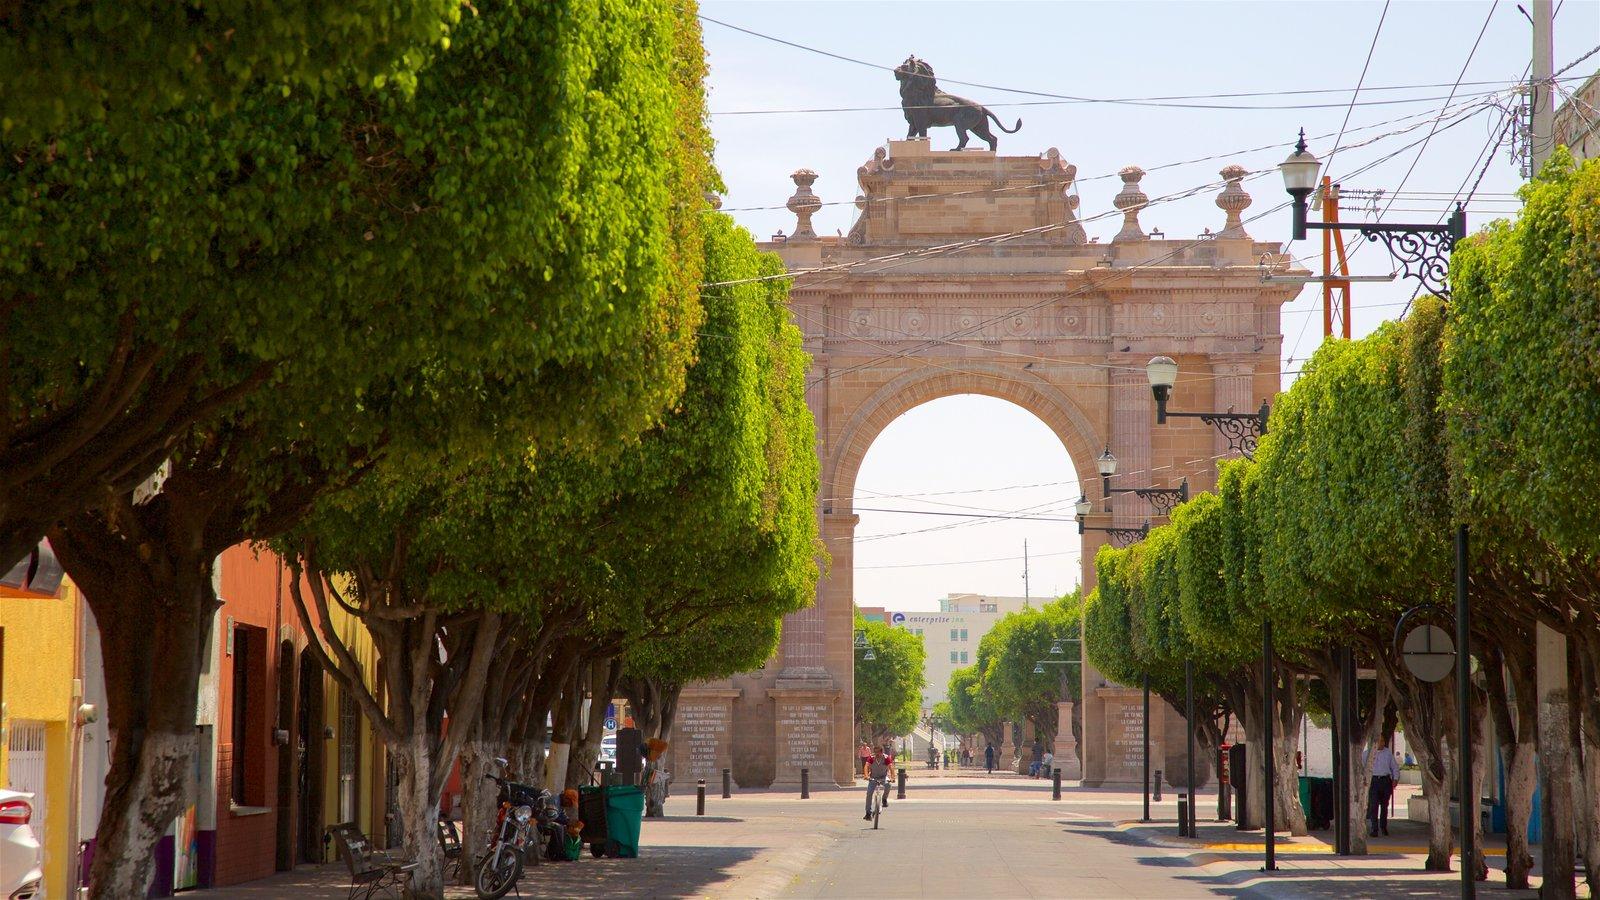 Turista paseando por el Arco Triunfal y la Calzada de los Héroes